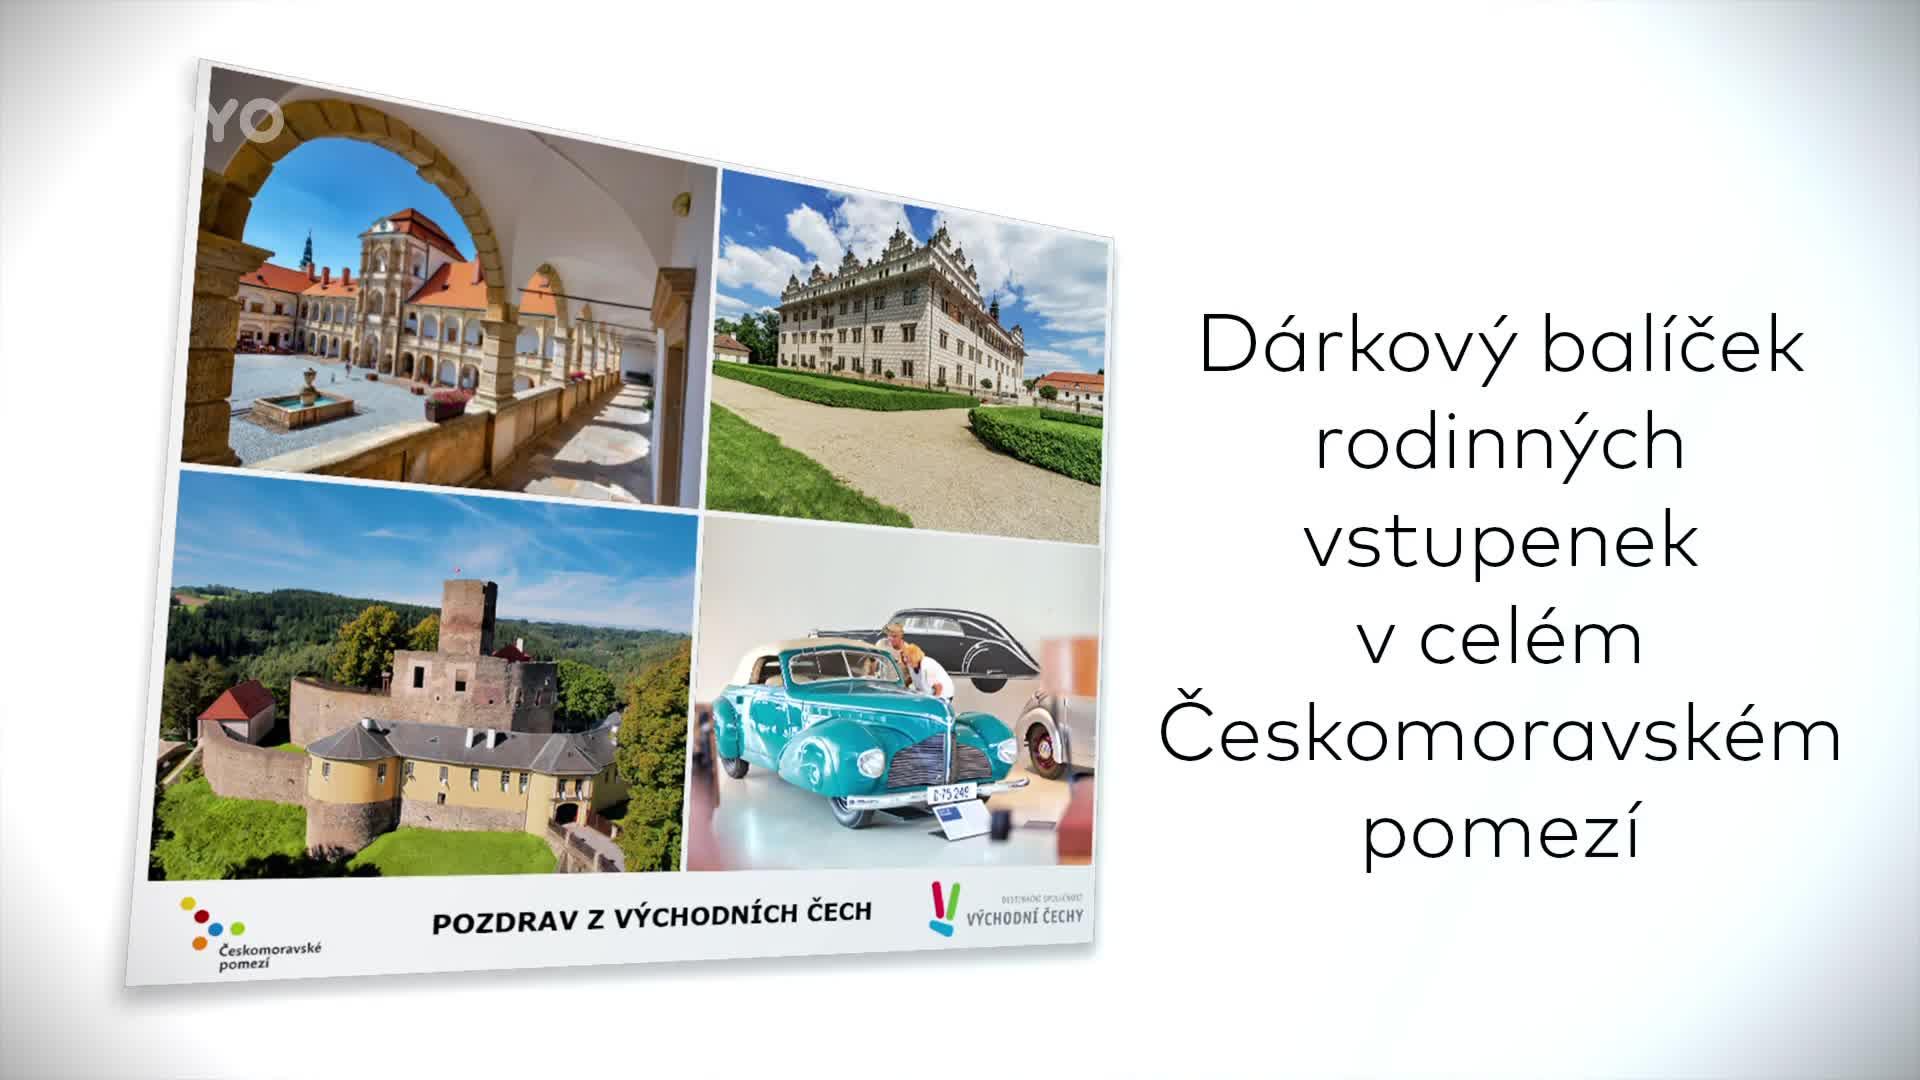 Soutěžte o balíček rodinných vstupenek v turistické oblasti Českomoravské pomezí!